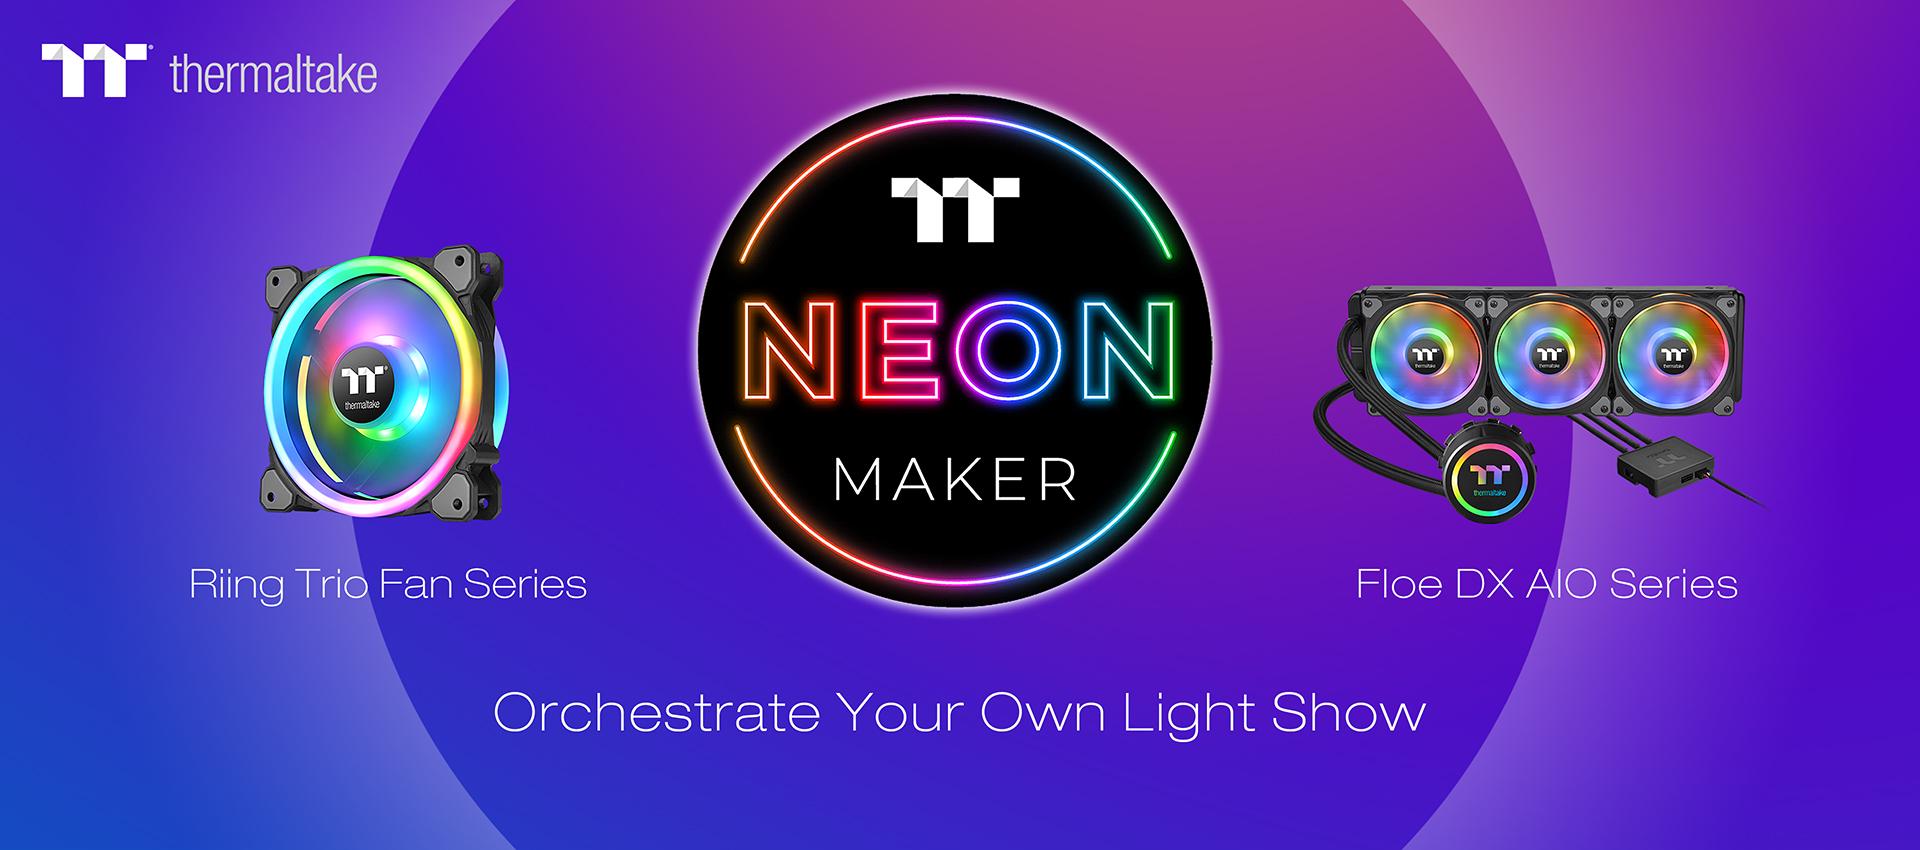 NeonMaker